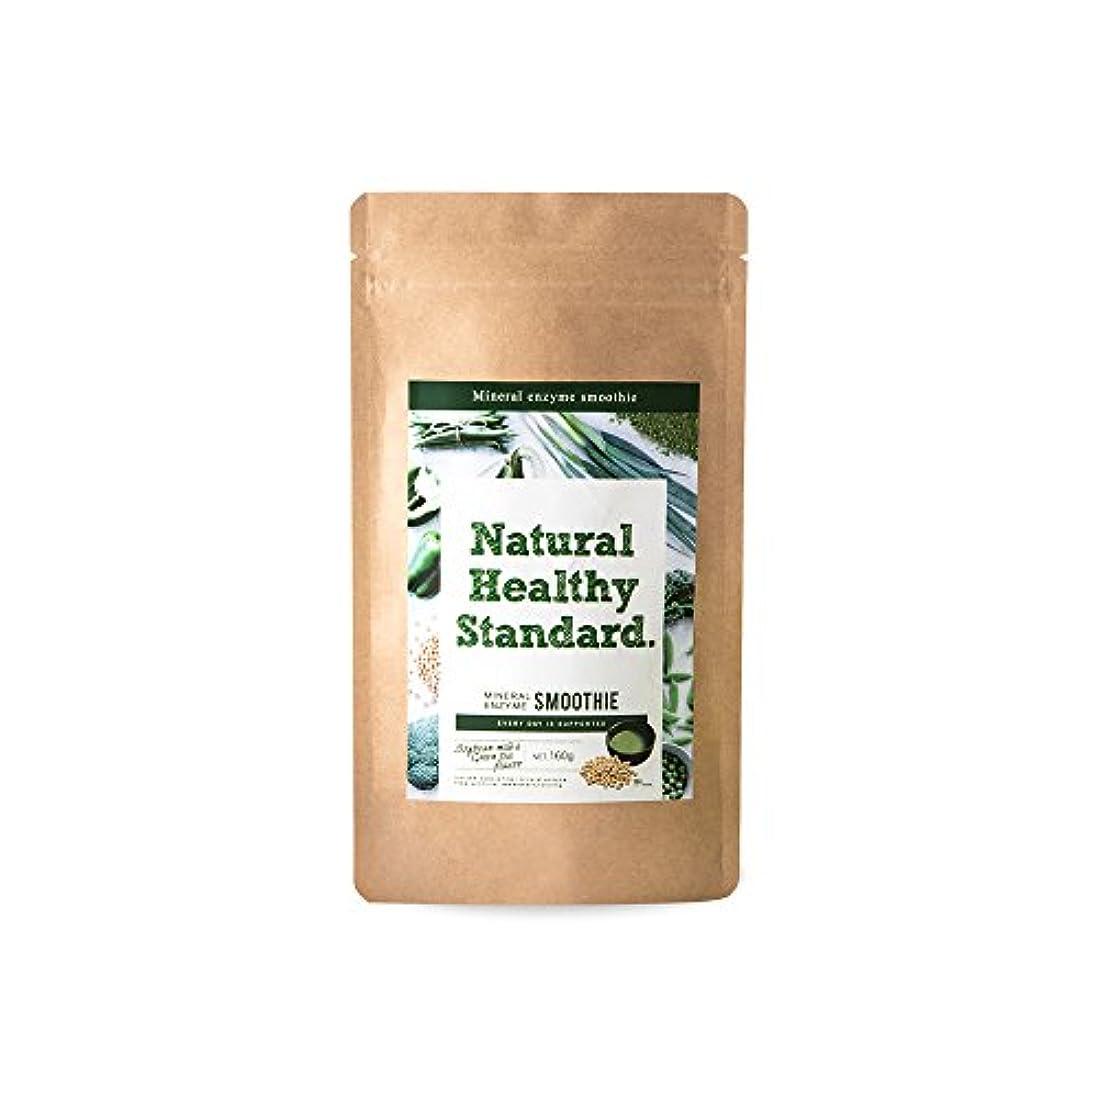 ジャケット実験アライアンスNaturalHealthyStandard(ナチュラルヘルシースタンダード) ミネラル酵素グリーンスムージー 豆乳抹茶味 160g